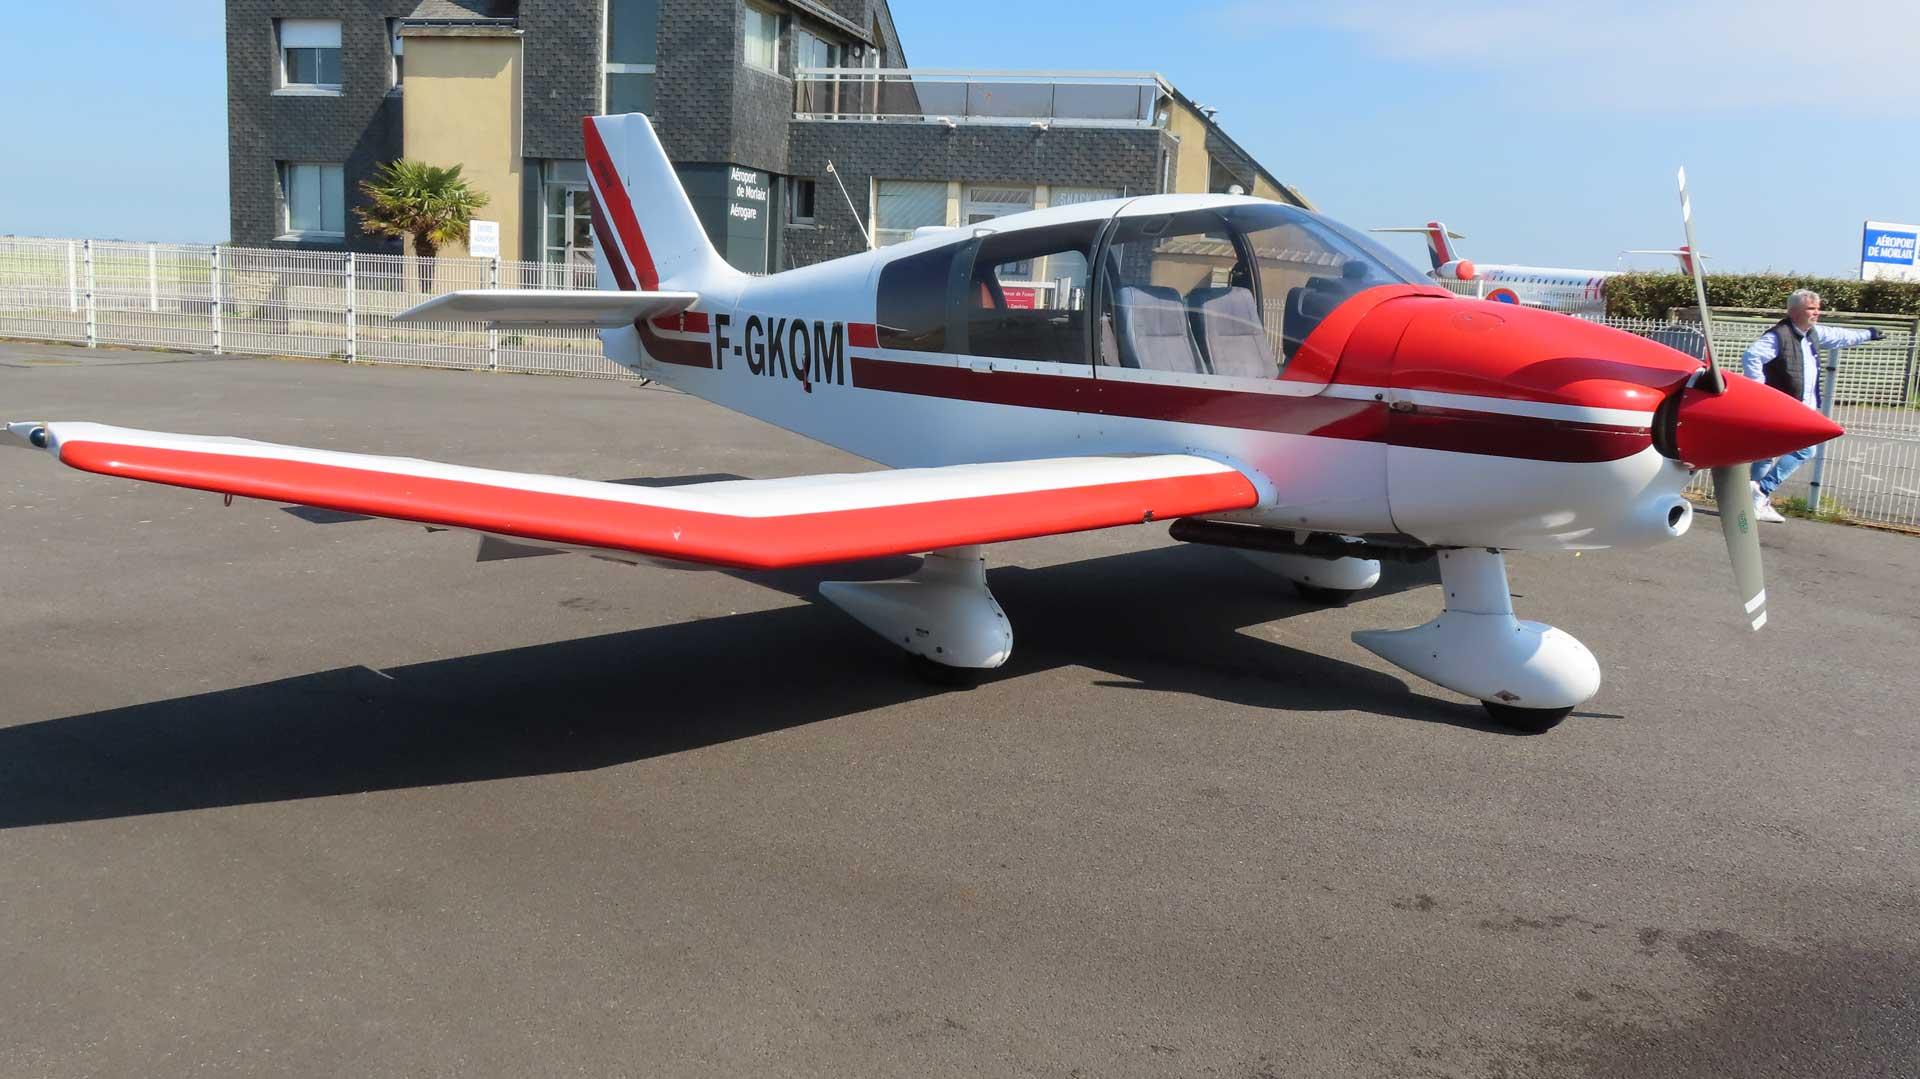 1991 ROBIN DR 400/120 «Dauphin 2+2» en vente ATA by Pelletier